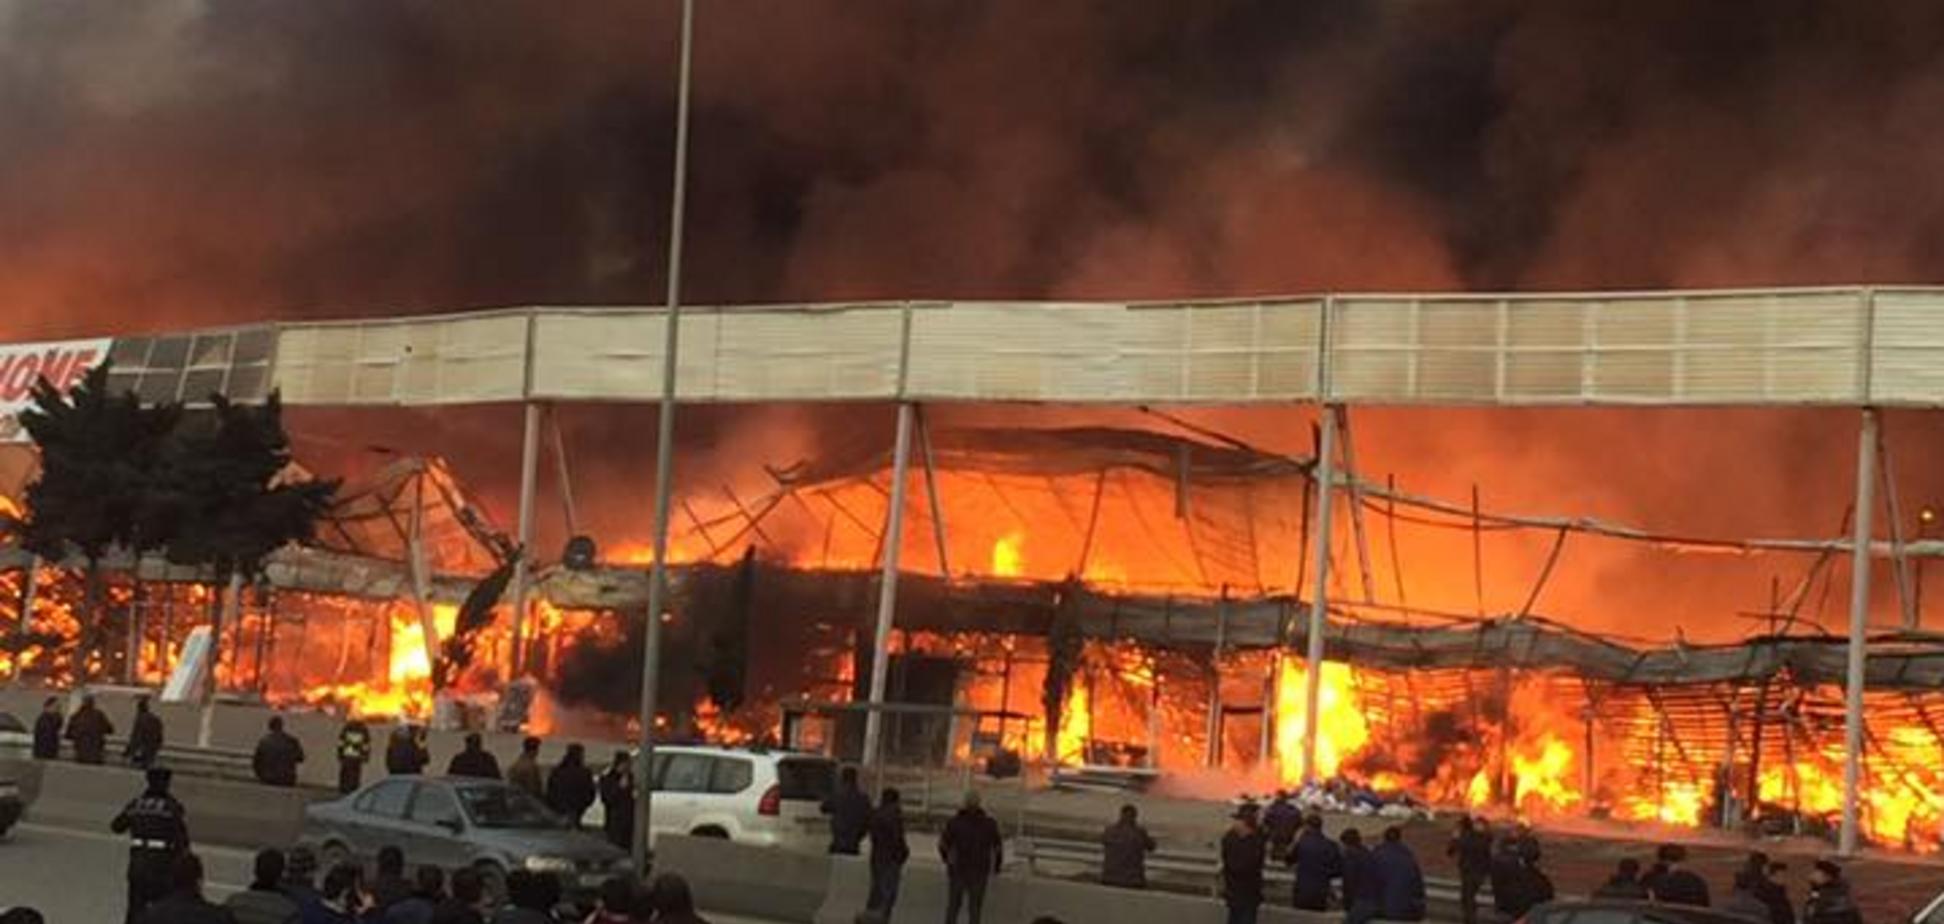 В Баку произошел масштабный пожар на рынке: сгорело 2 га площади